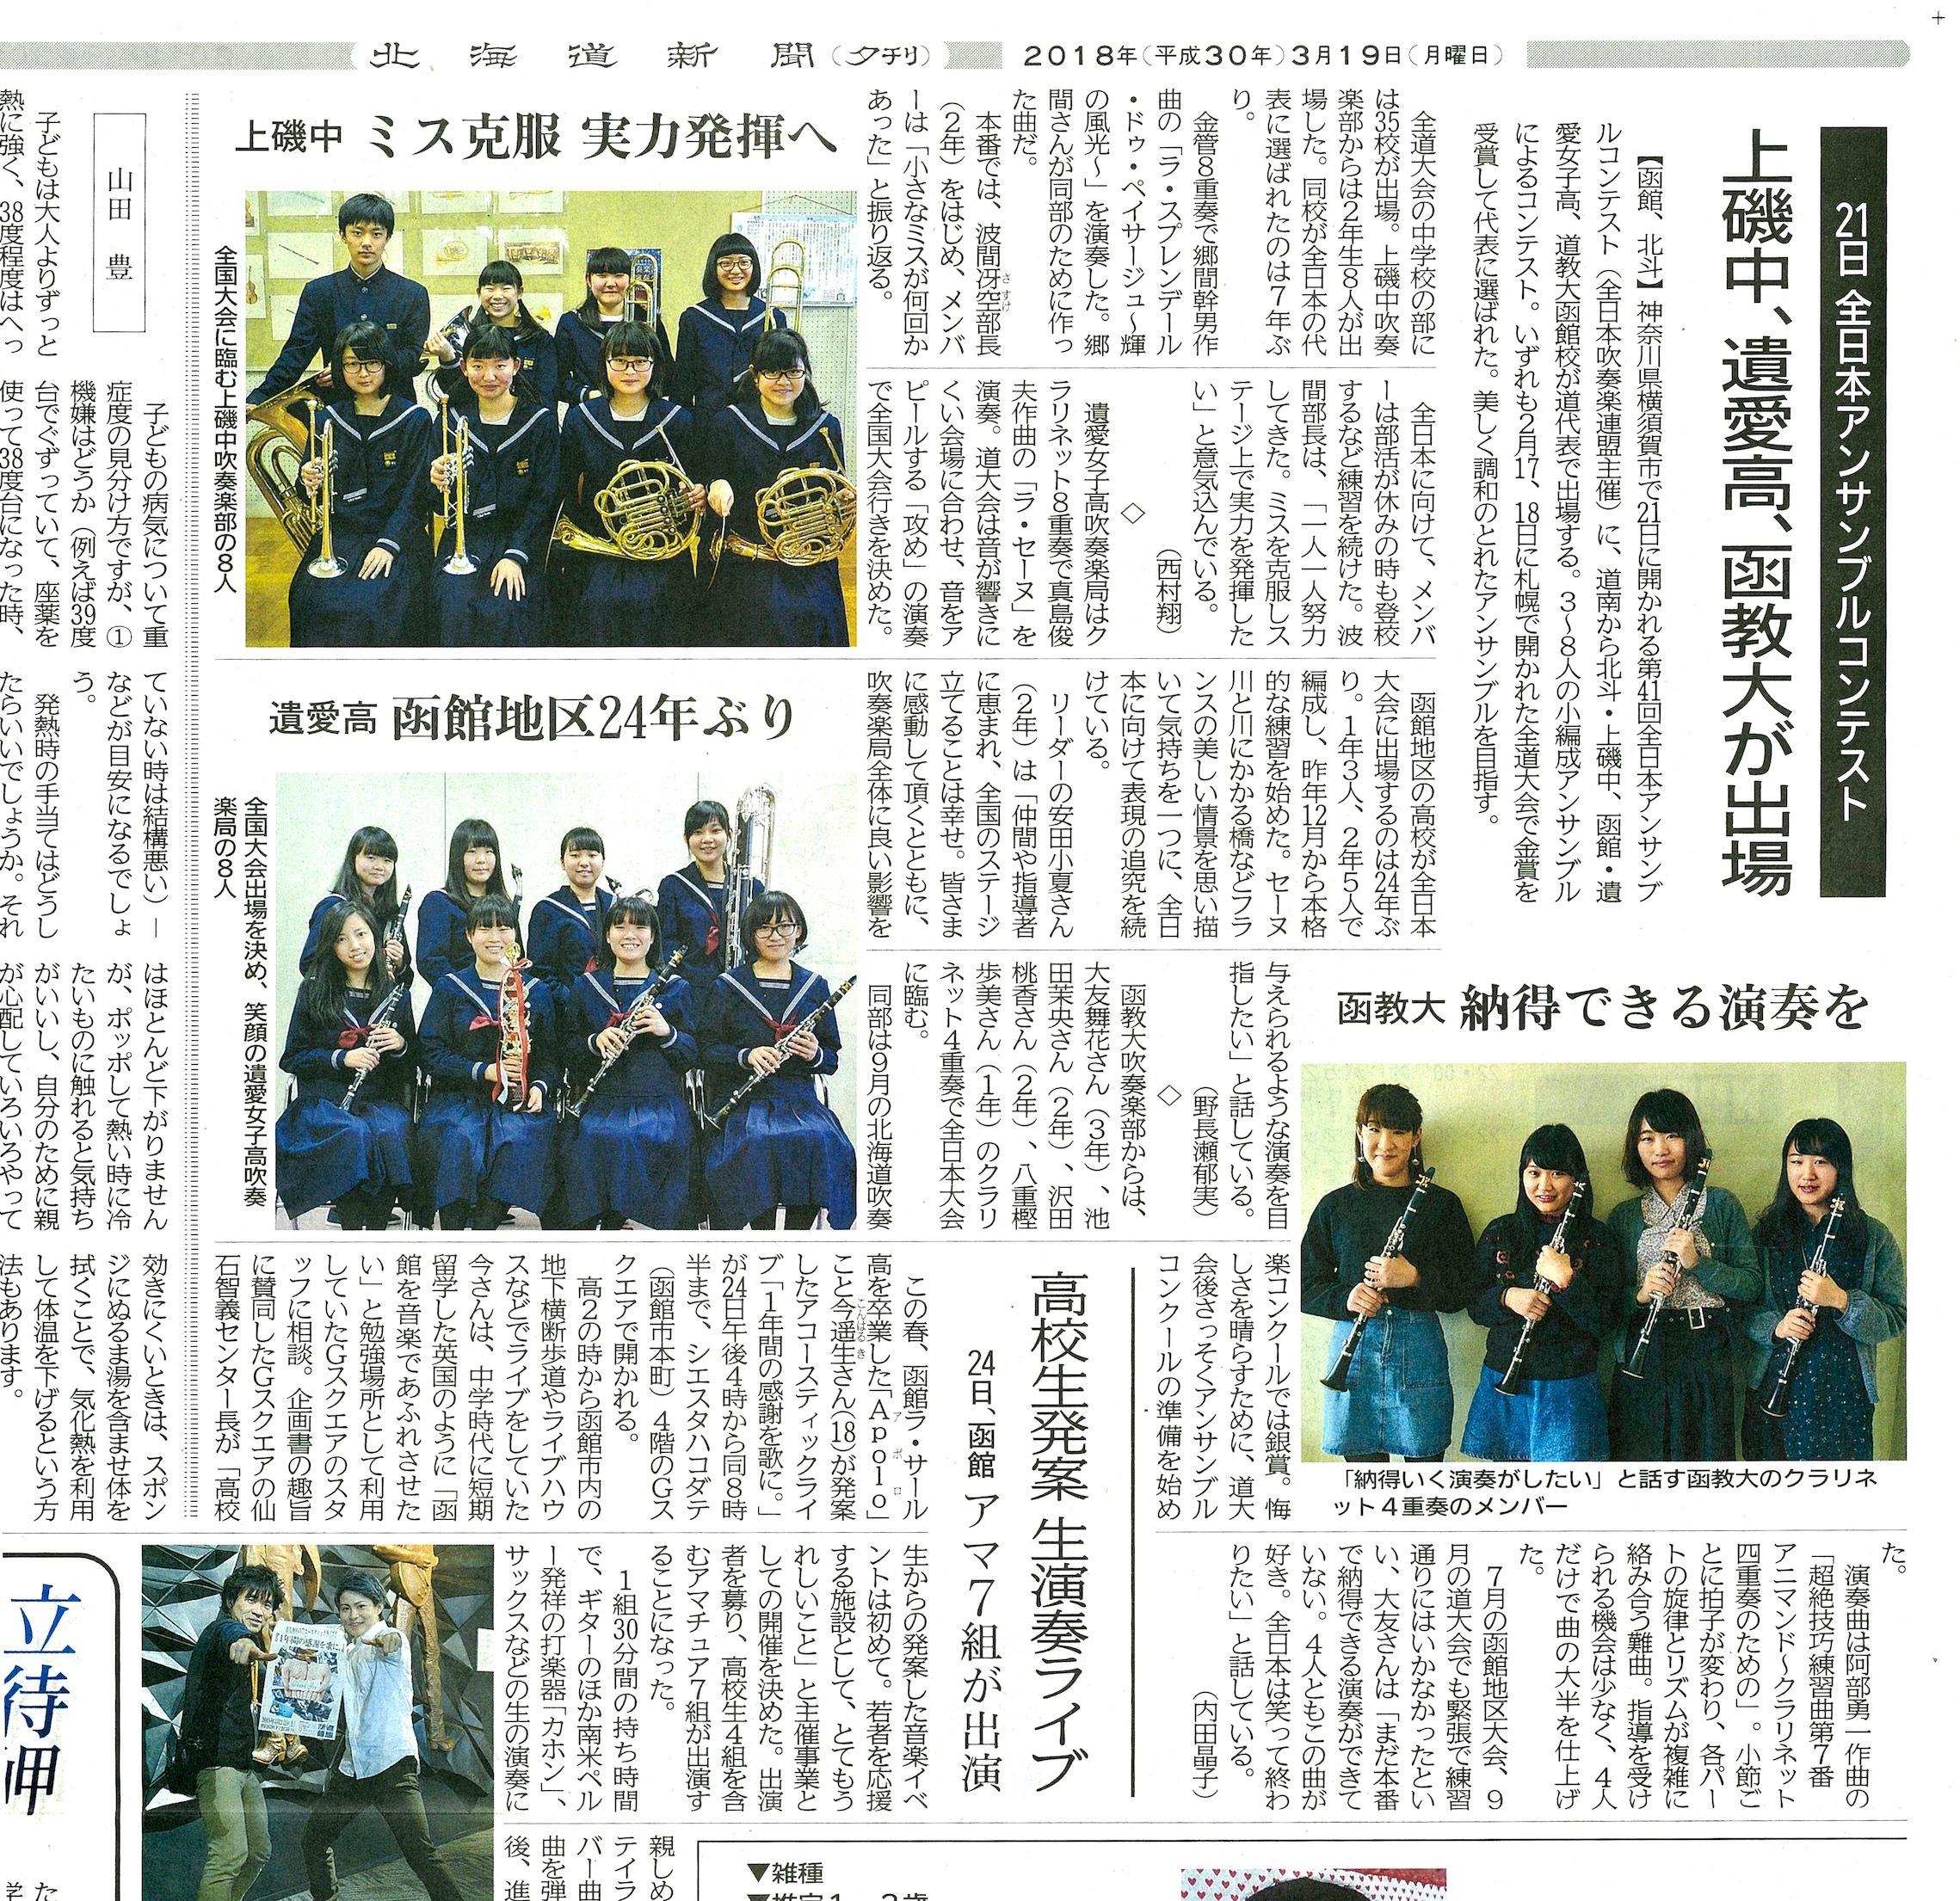 0320 北海道新聞『アンサンブル記事』のコピー